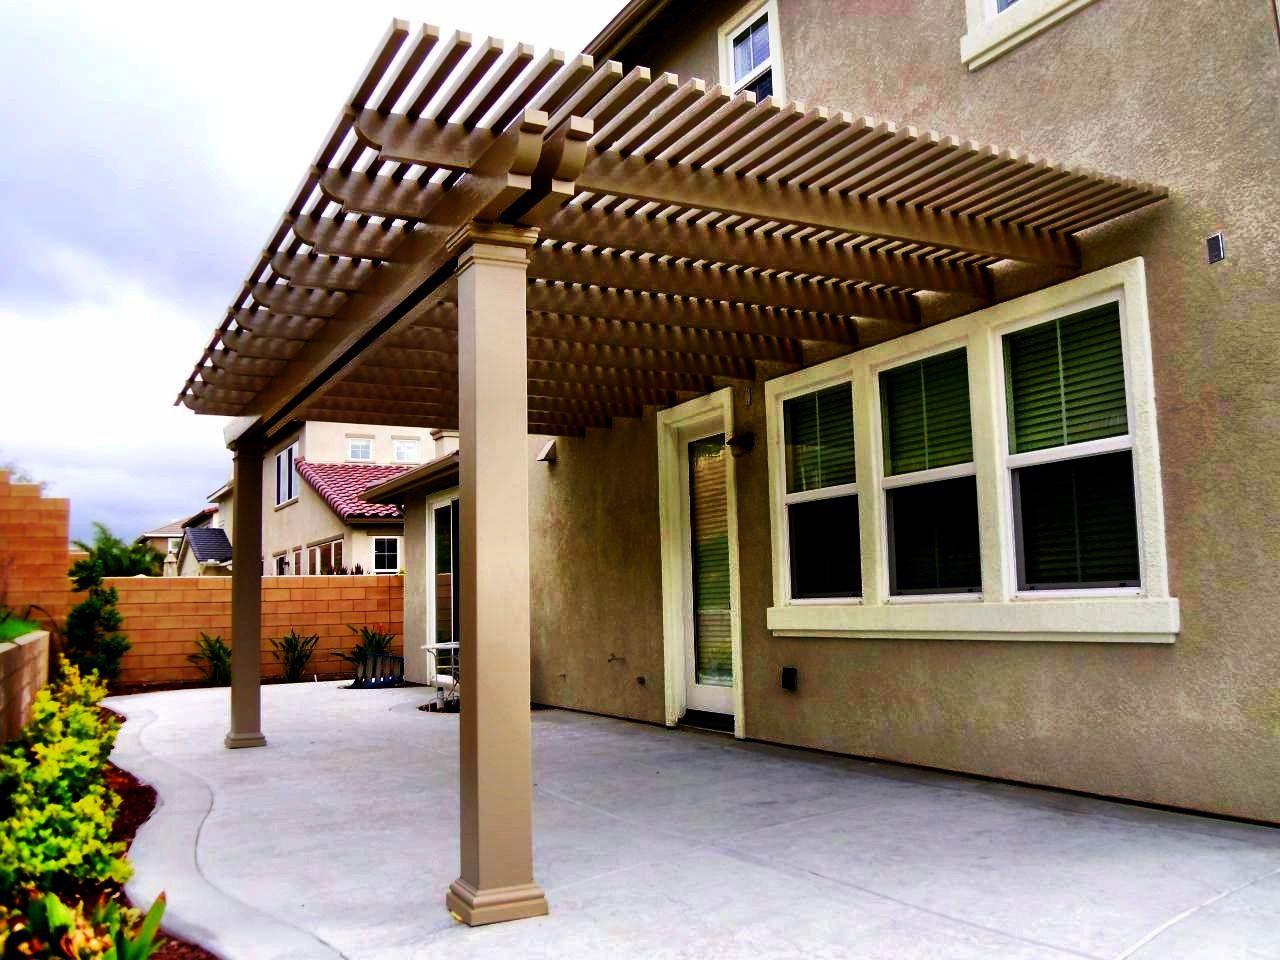 alumawood contractor offers custom alumawood freestanding patio